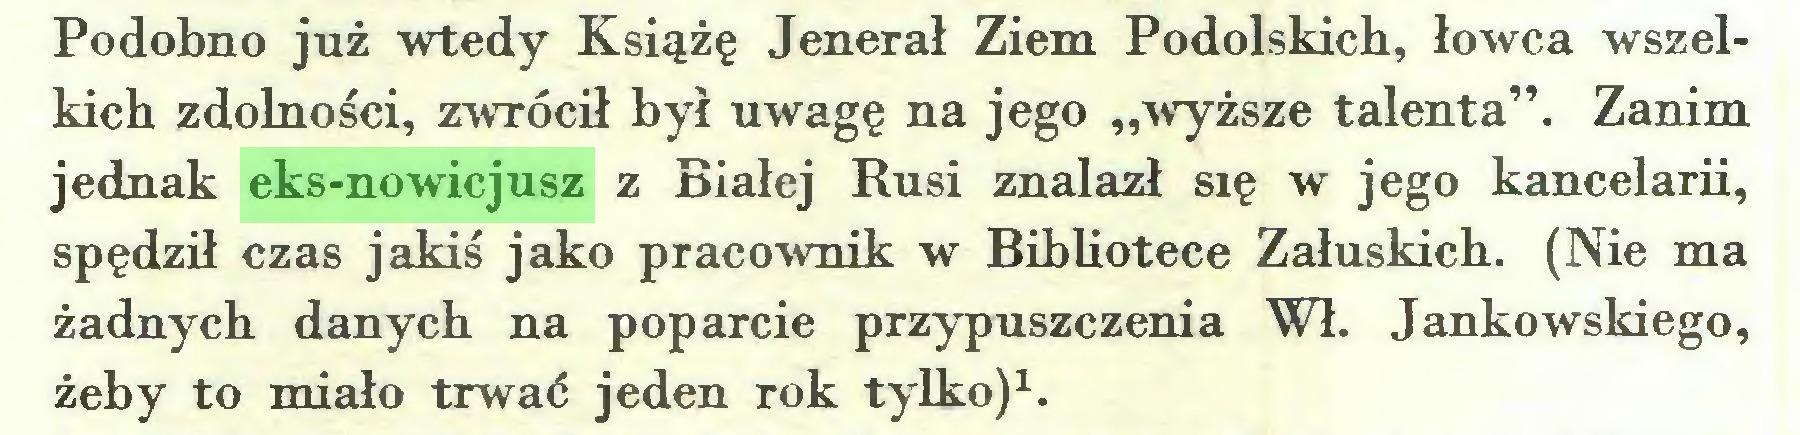 """(...) Podobno już wtedy Książę Jenerał Ziem Podolskich, łowca wszelkich zdolności, zwrócił był uwagę na jego """"wyższe talenta"""". Zanim jednak eks-nowicjusz z Białej Rusi znalazł się w jego kancelarii, spędził czas jakiś jako pracownik w Bibliotece Załuskich. (Nie ma żadnych danych na poparcie przypuszczenia Wł. Jankowskiego, żeby to miało trwać jeden rok tylko)1..."""